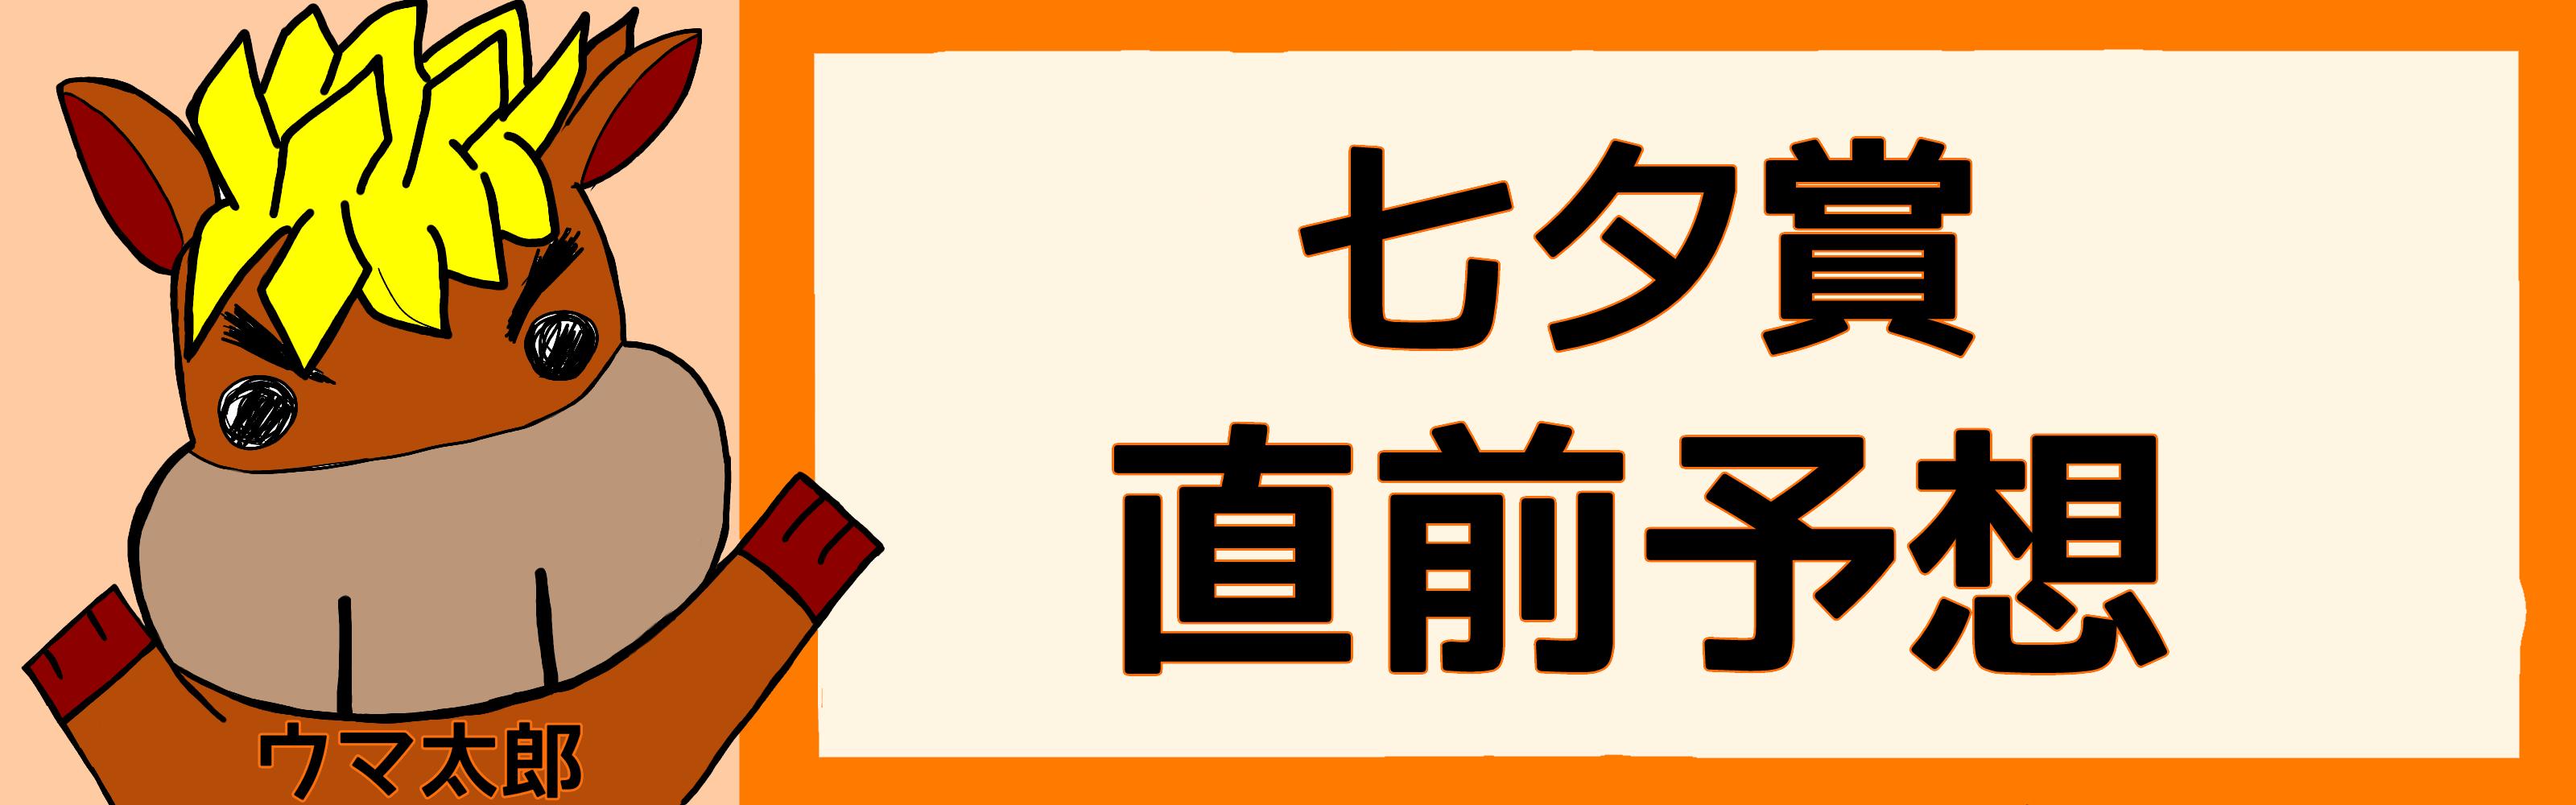 七夕賞予想するよー!